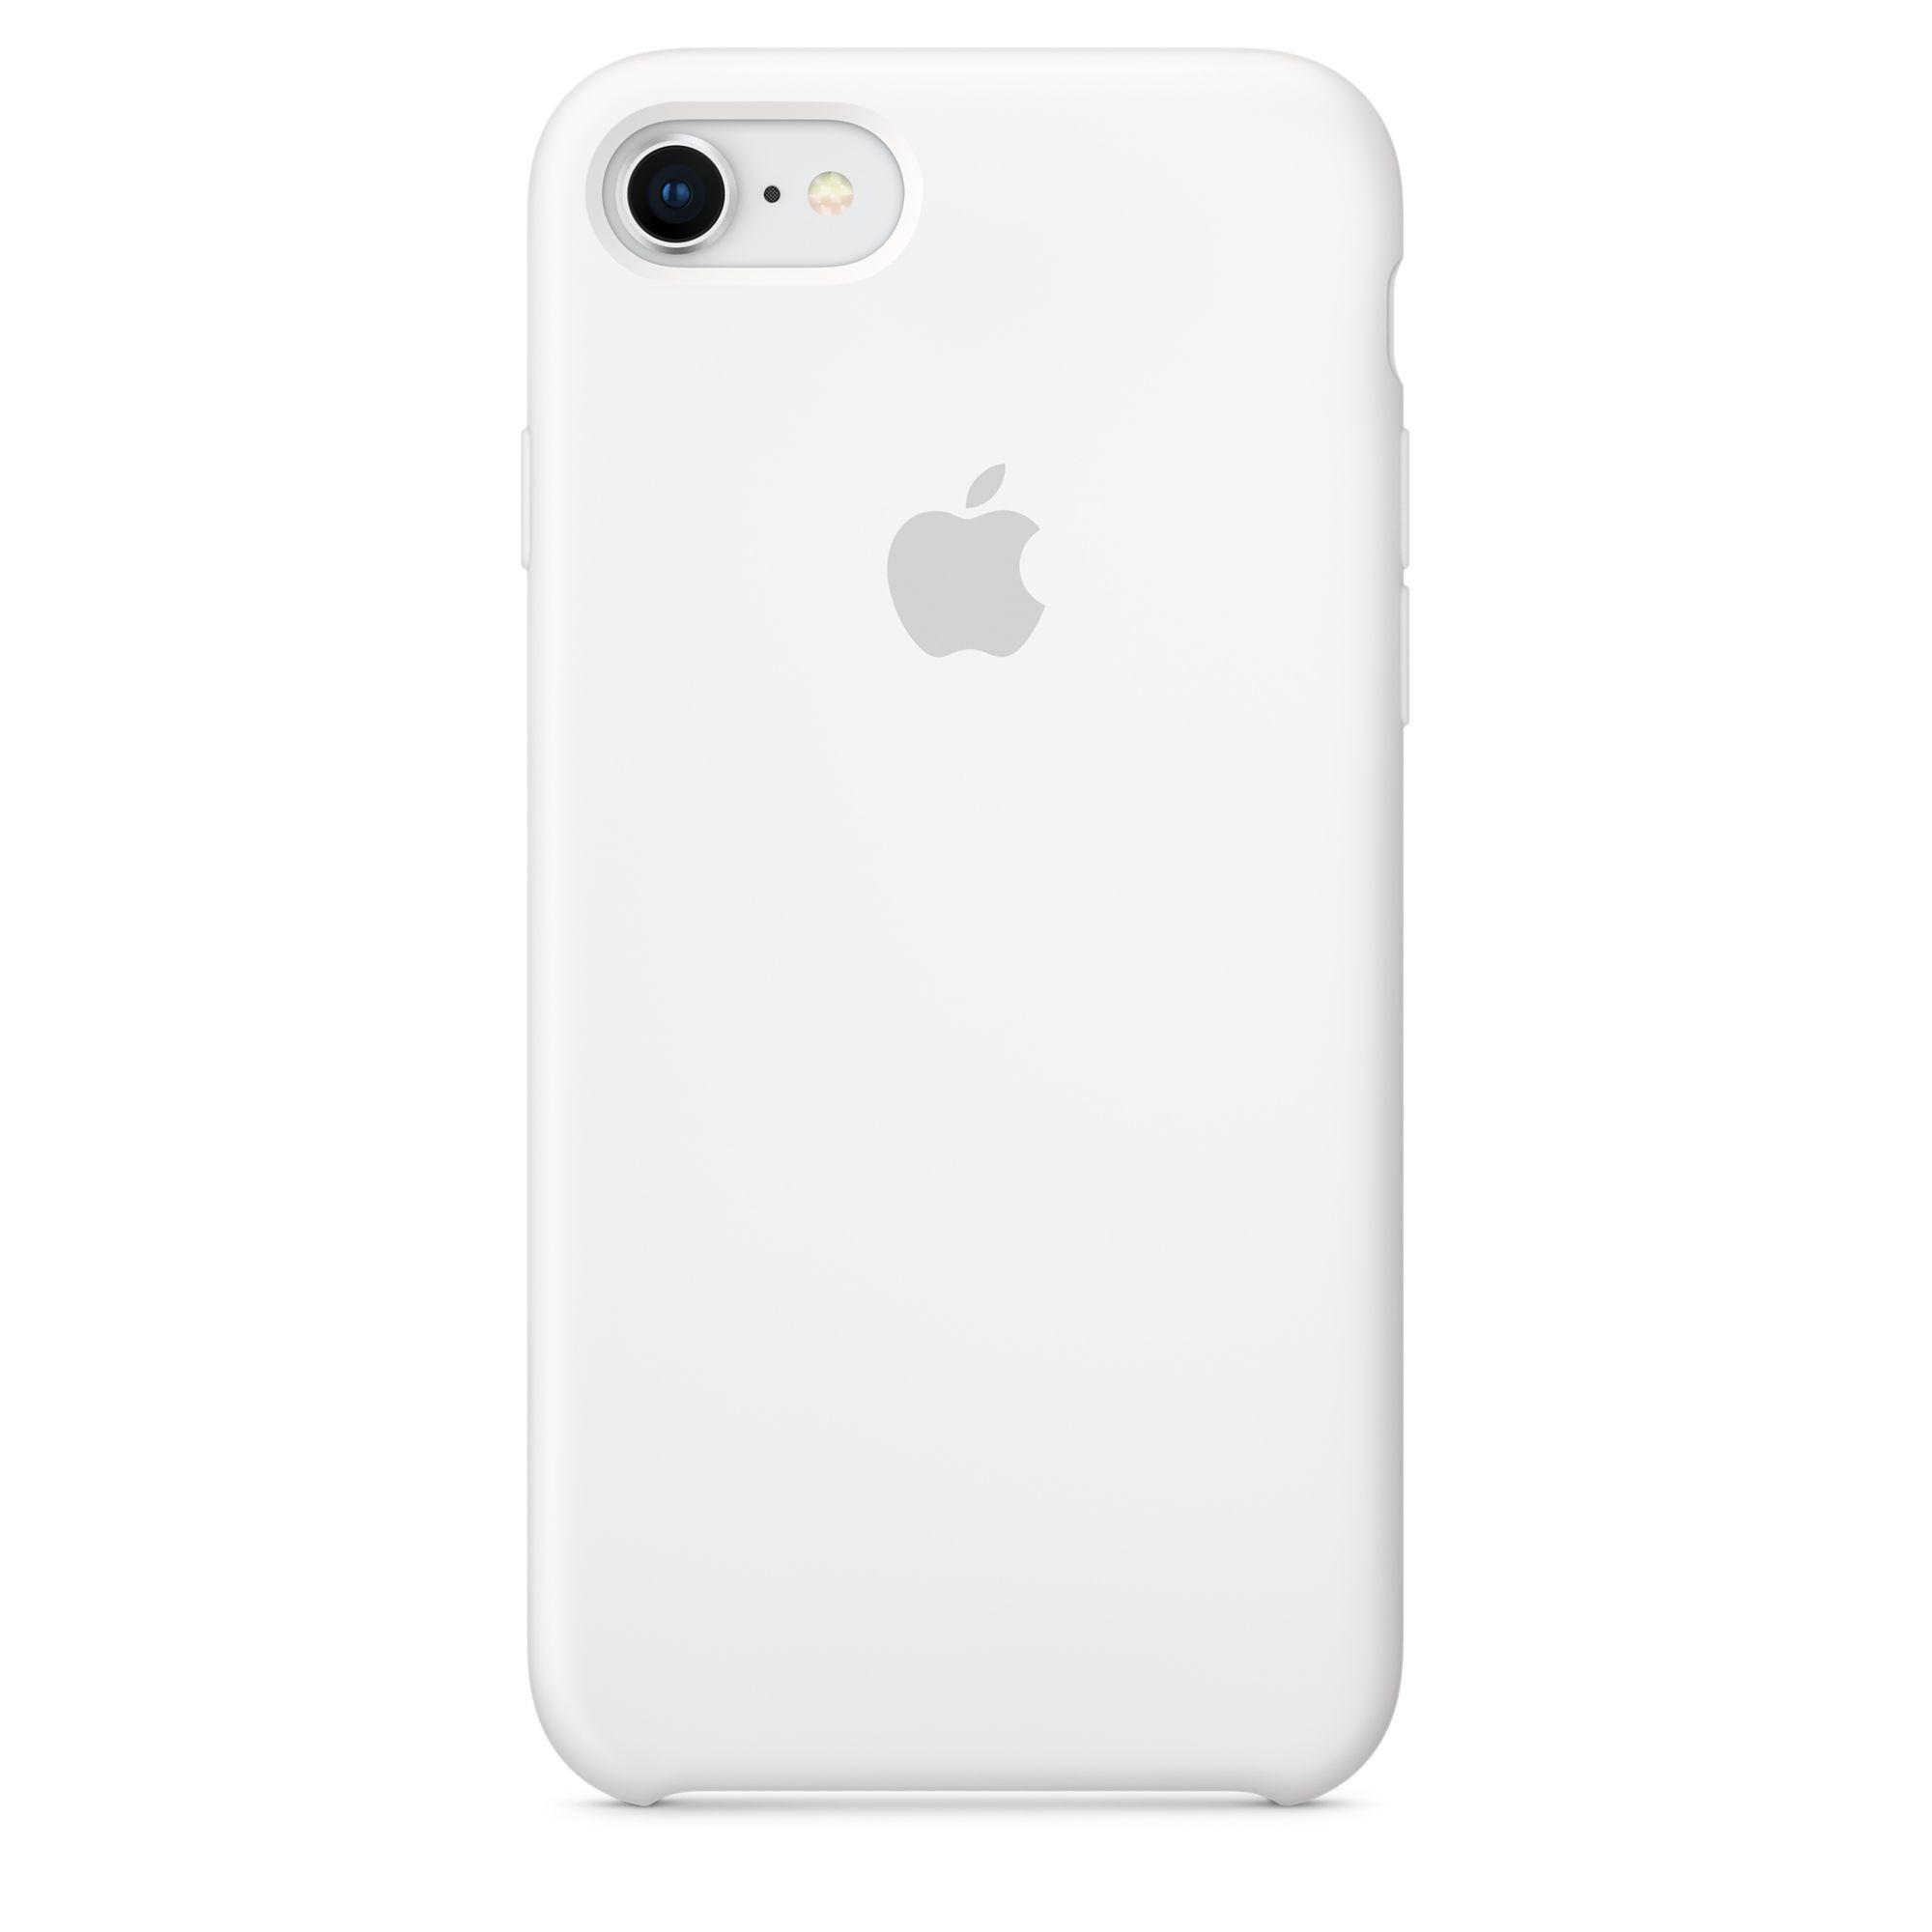 Apple silikonový kryt na iPhone 8 / 7 – bílý